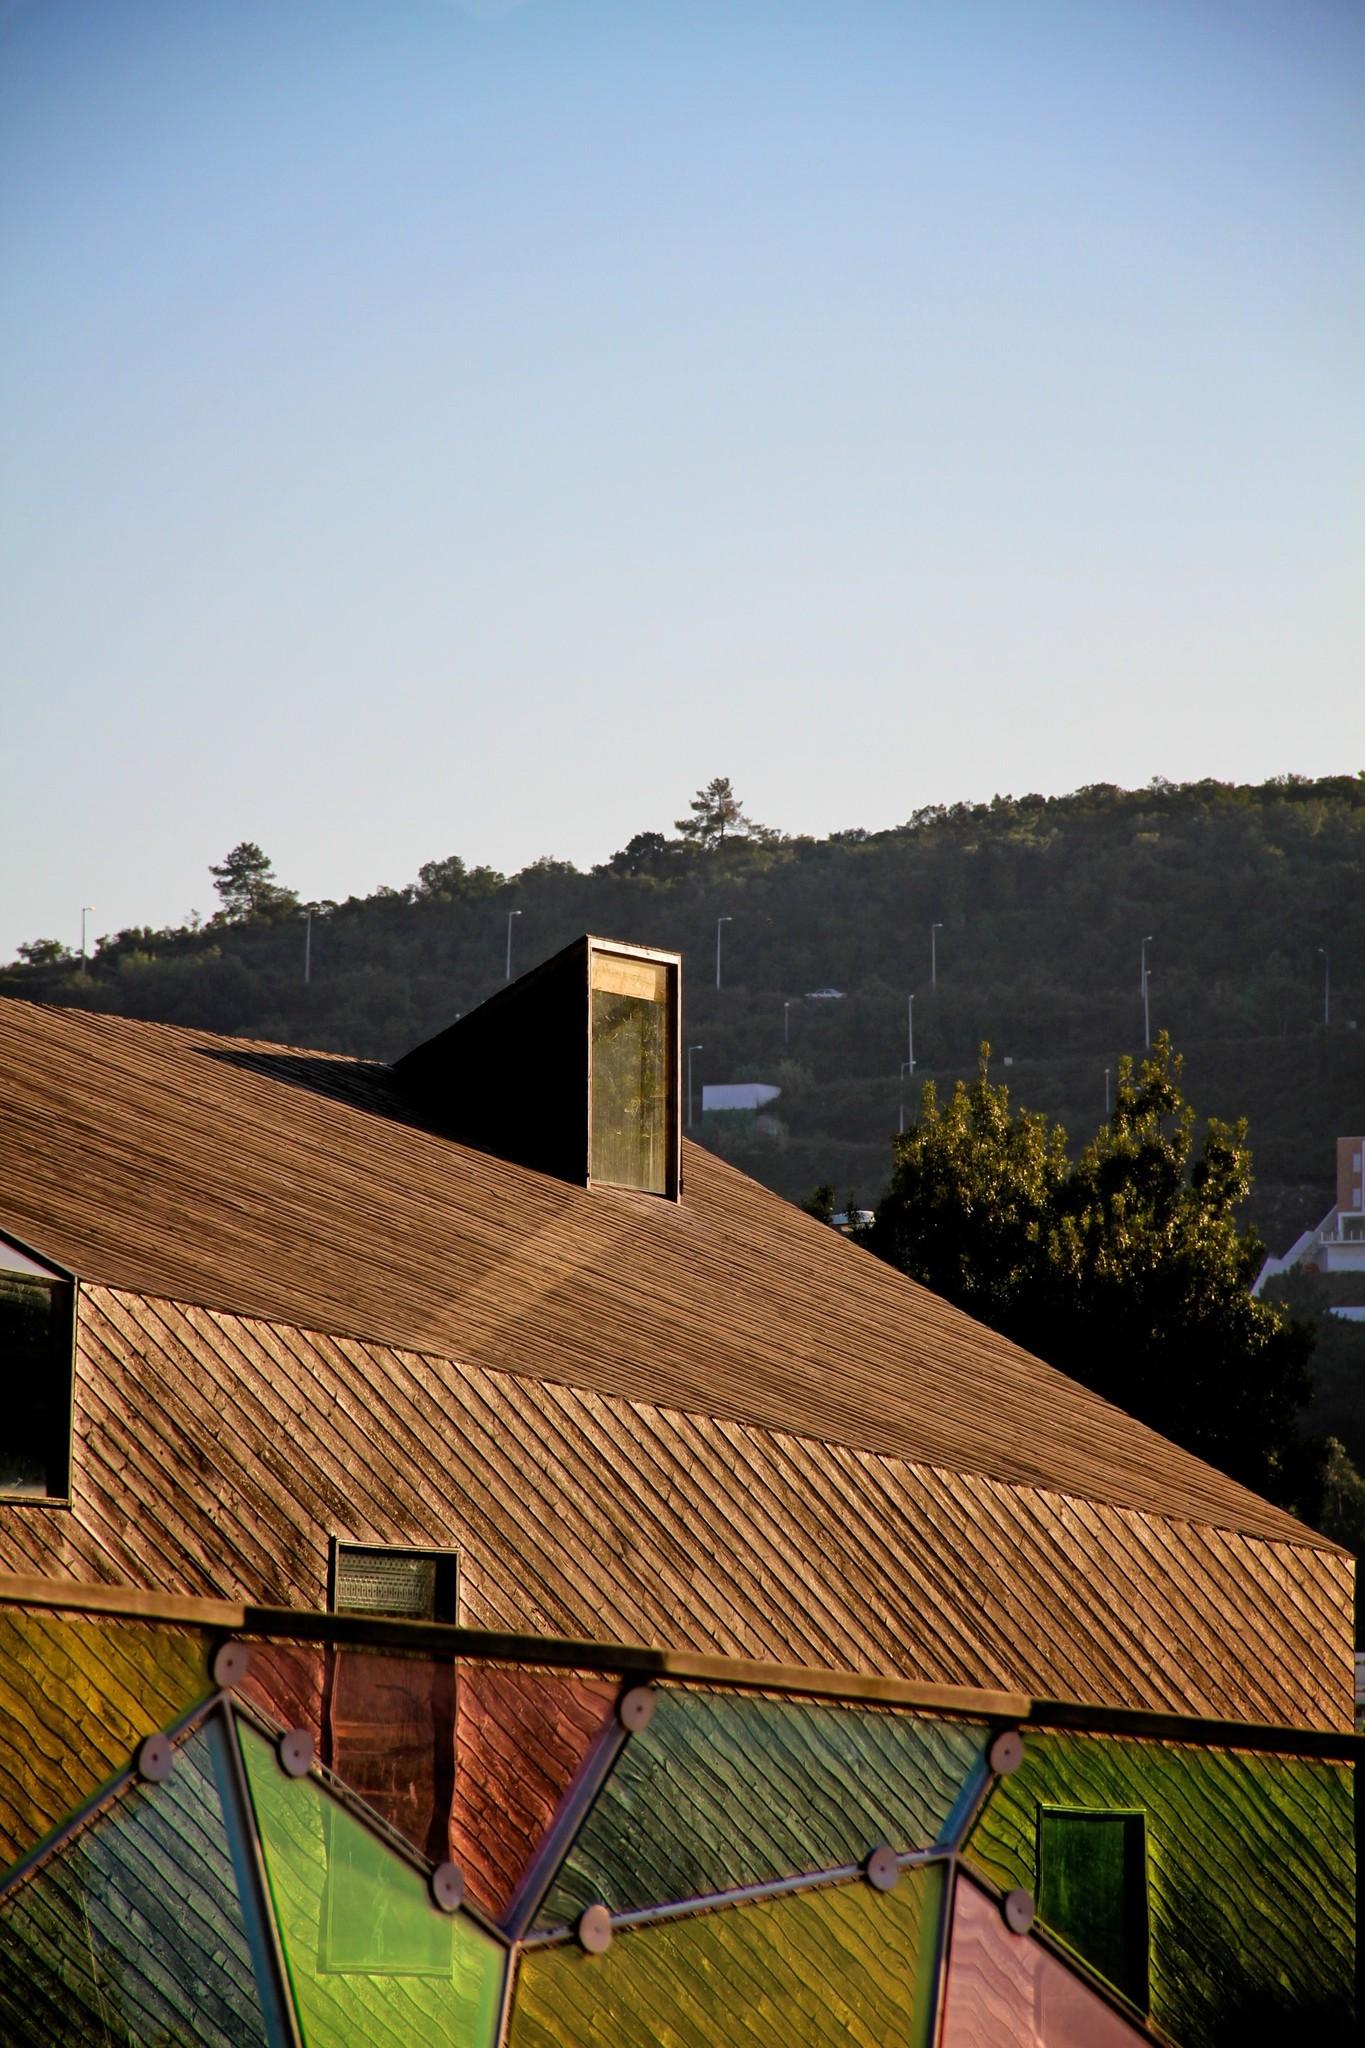 Houten dak impregneren